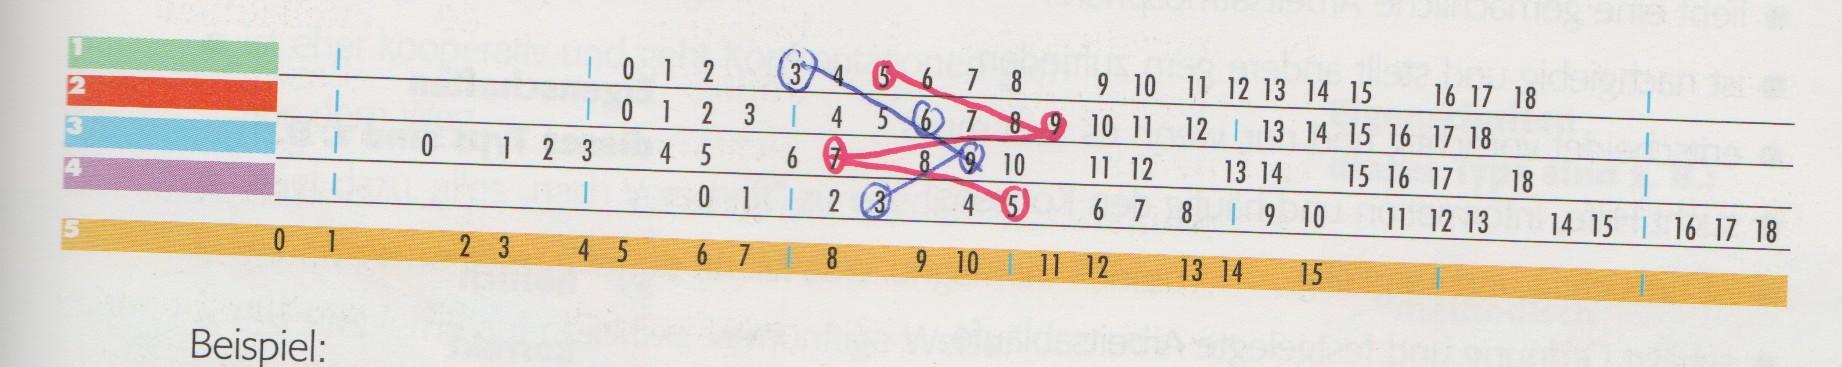 Persönlichkeitstest-Grafik: Die blaue Linie zeigt ein um 30 Grad nach links gekipptes L, die rote ein Z